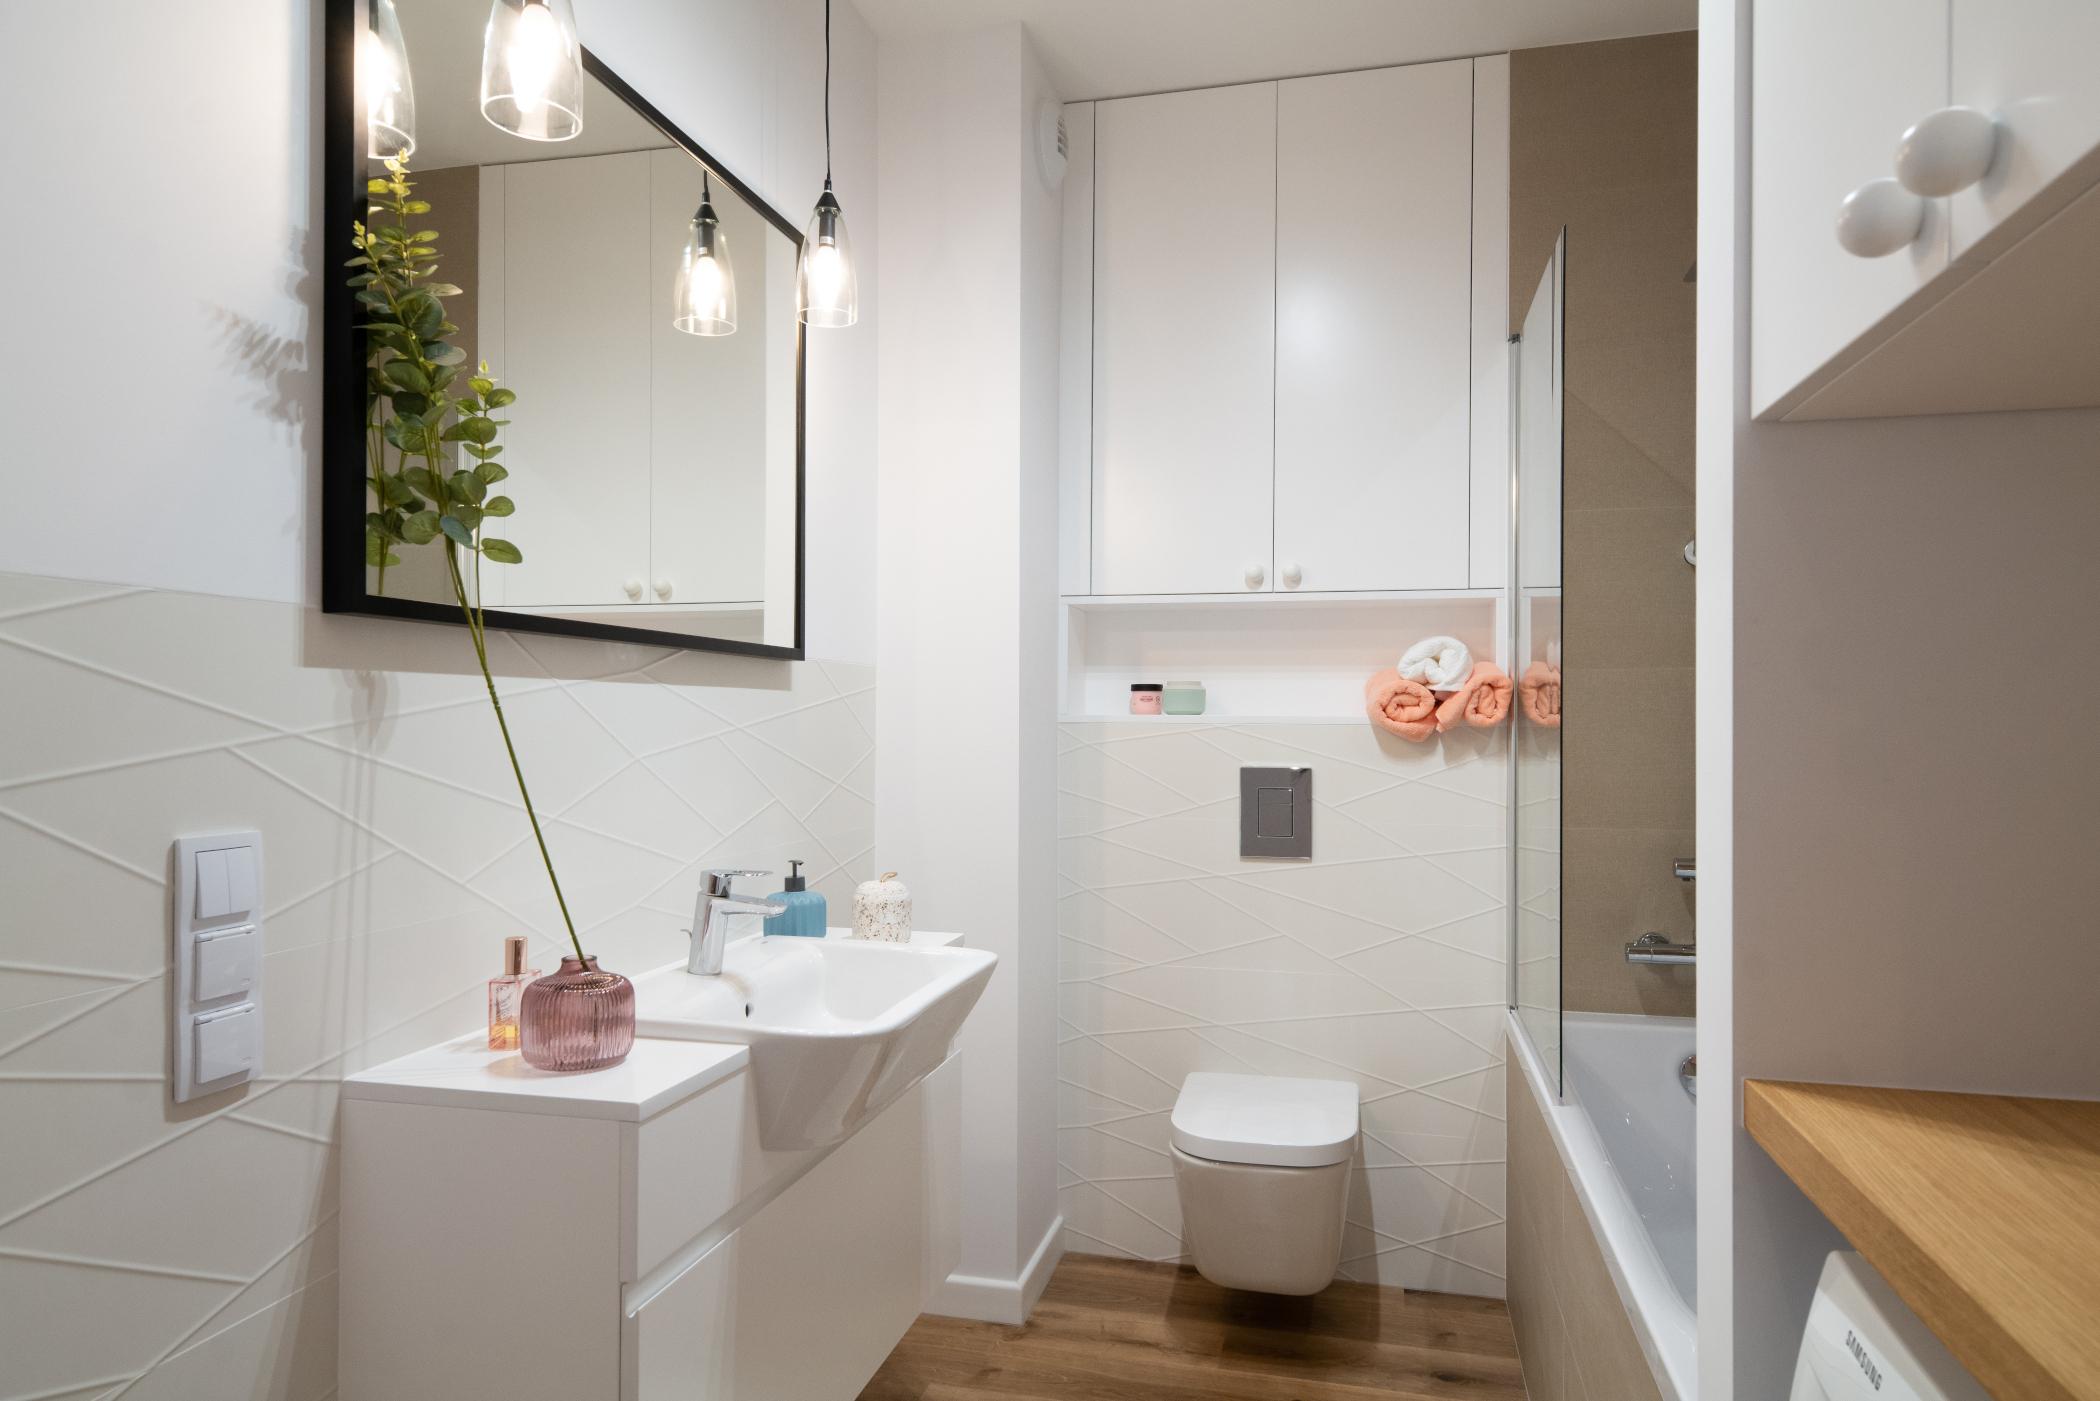 Dlaczego warto zdecydować się na meble łazienkowe na wymiar?